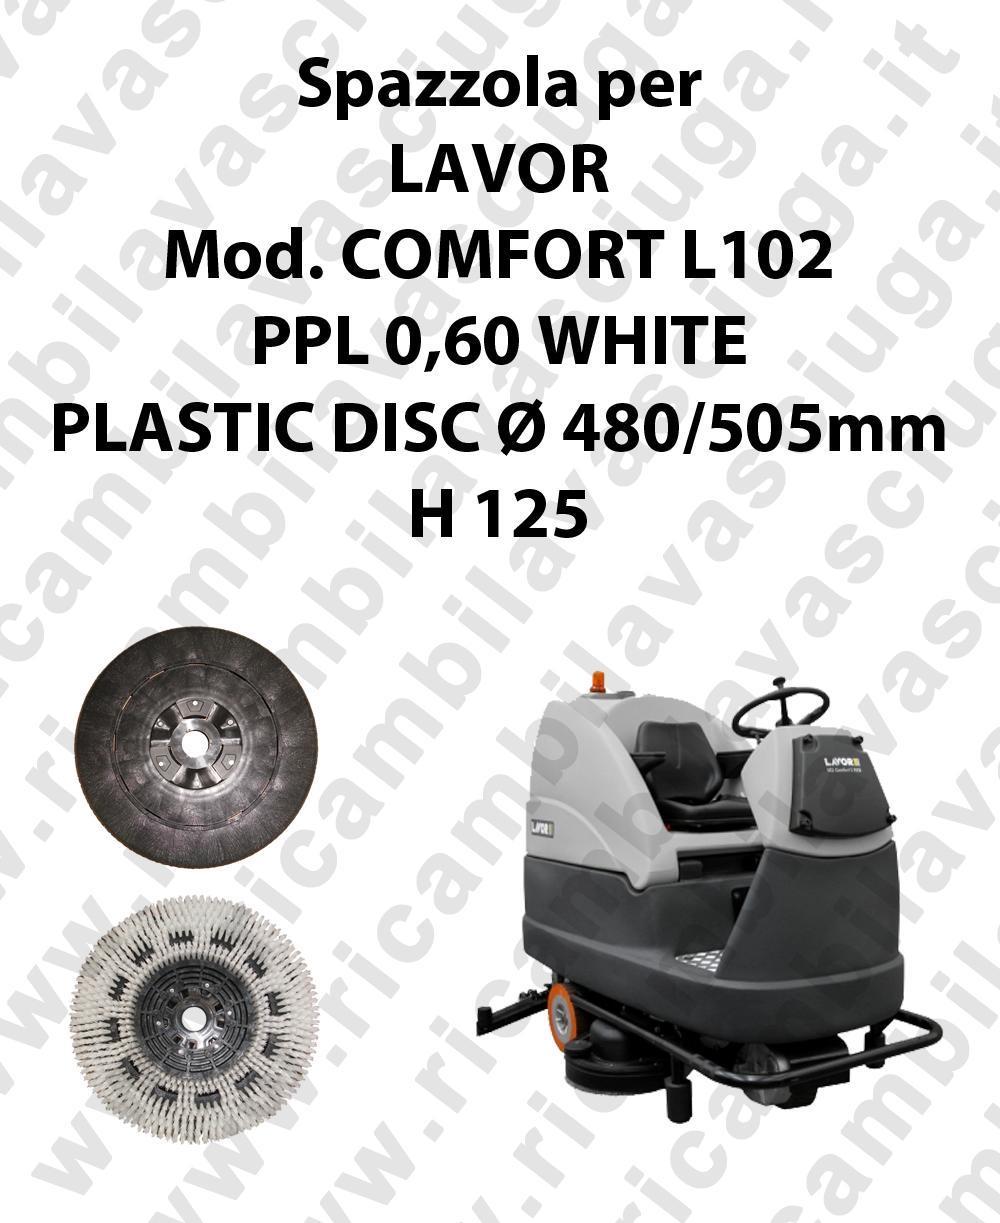 BROSSE A LAVER PPL 0,60 WHITE pour autolaveuses LAVOR Reference COMFORT L102